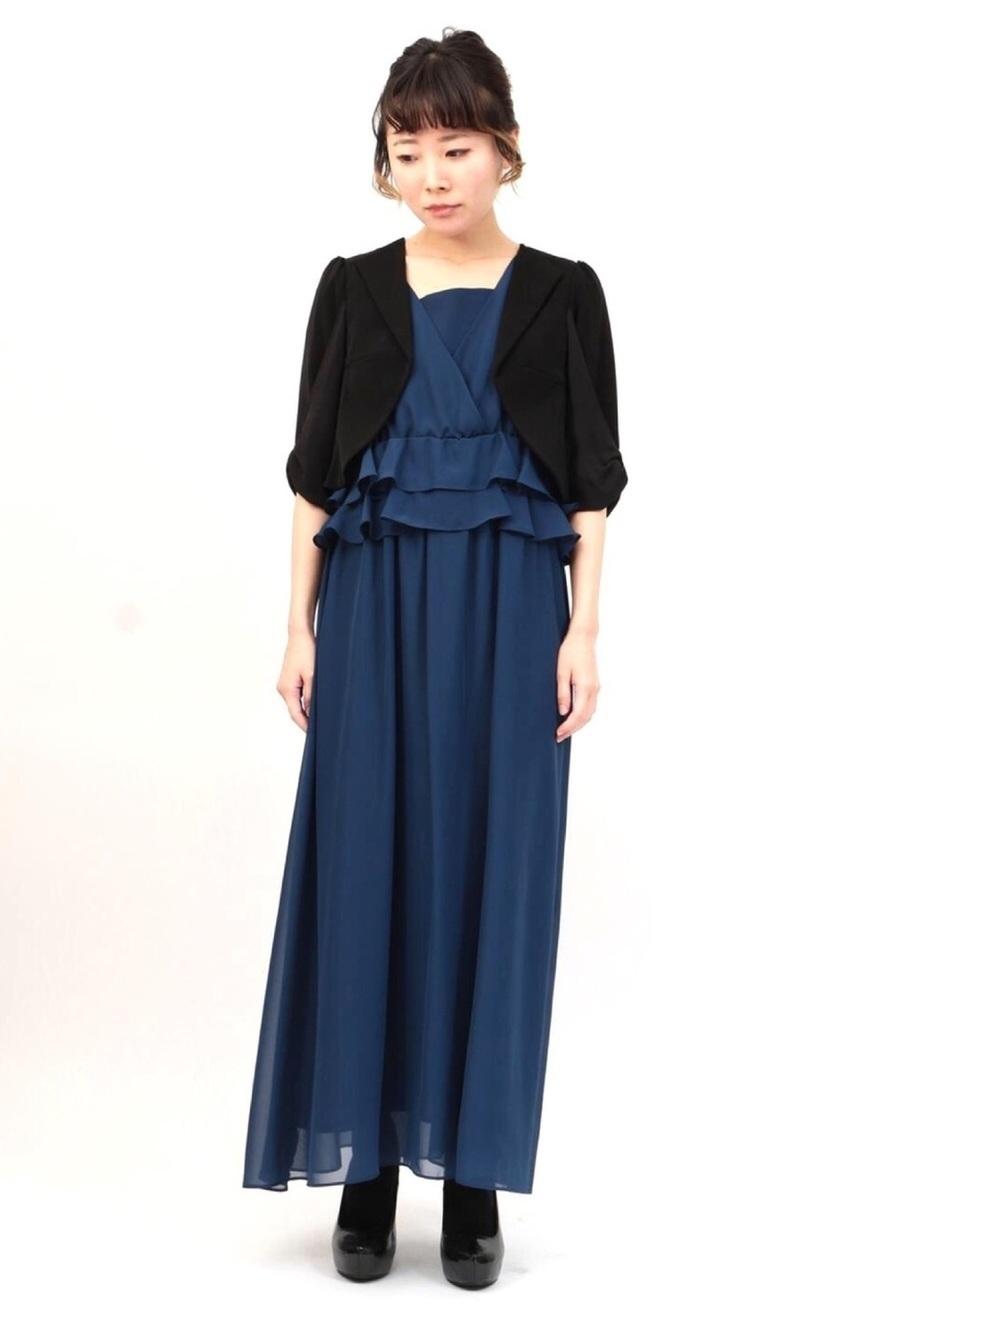 紺ドレスと黒ジャケット